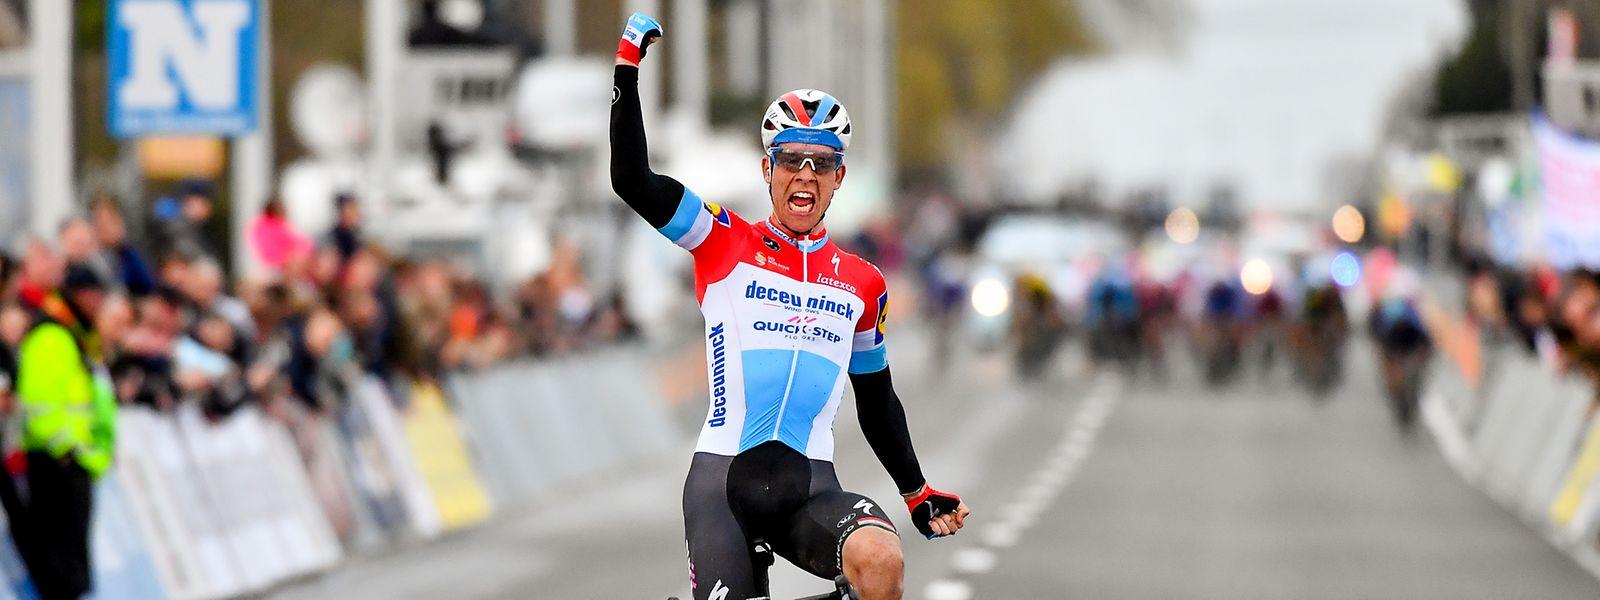 Bob Jungels ist der erste luxemburgische Sieger von Kuurne-Brüssel-Kuurne.